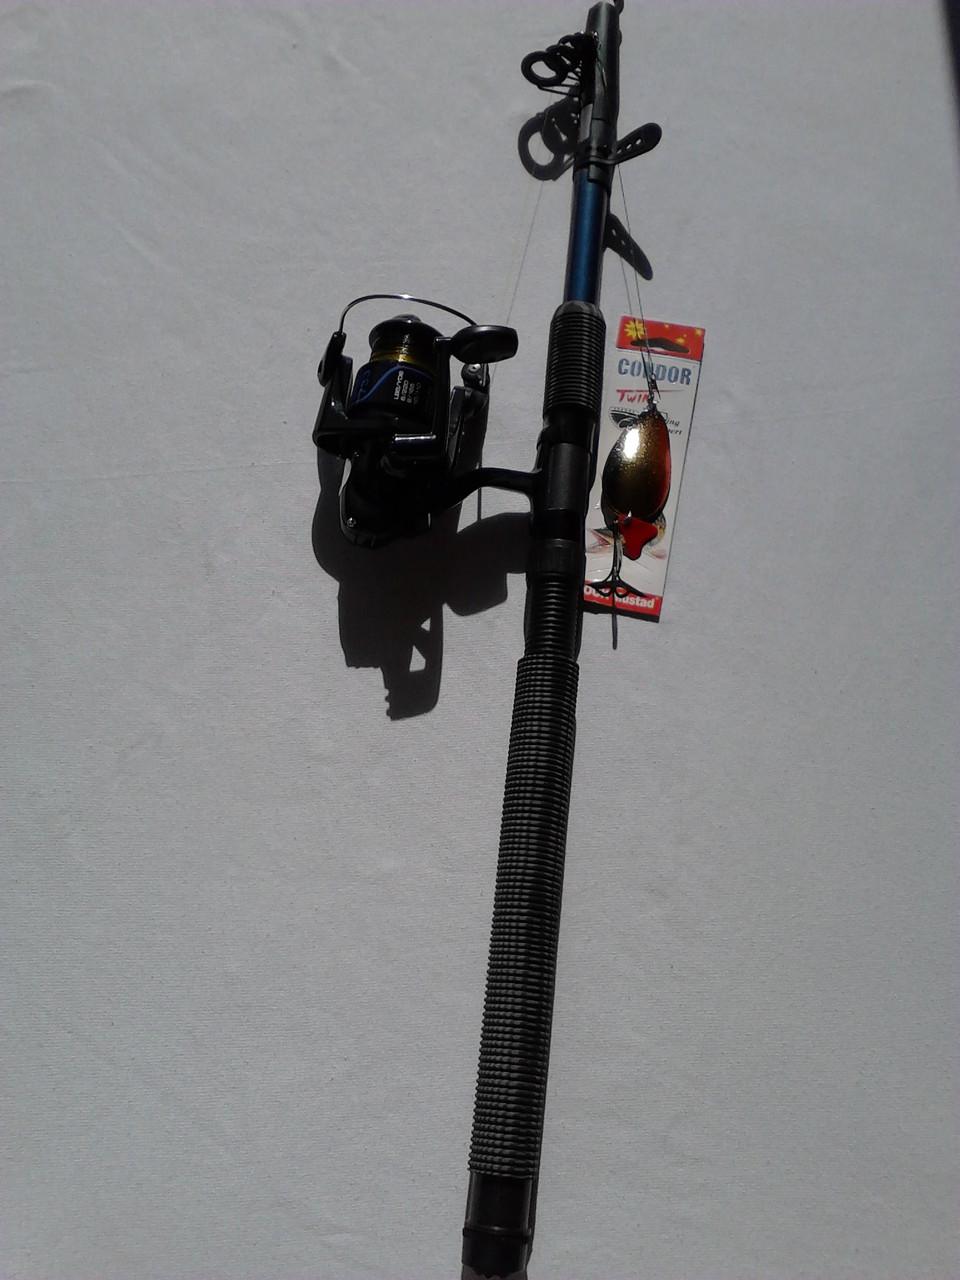 Комплект спиннинг Kalipso 2.70m + Катушка Line Winder FS 733 3bb